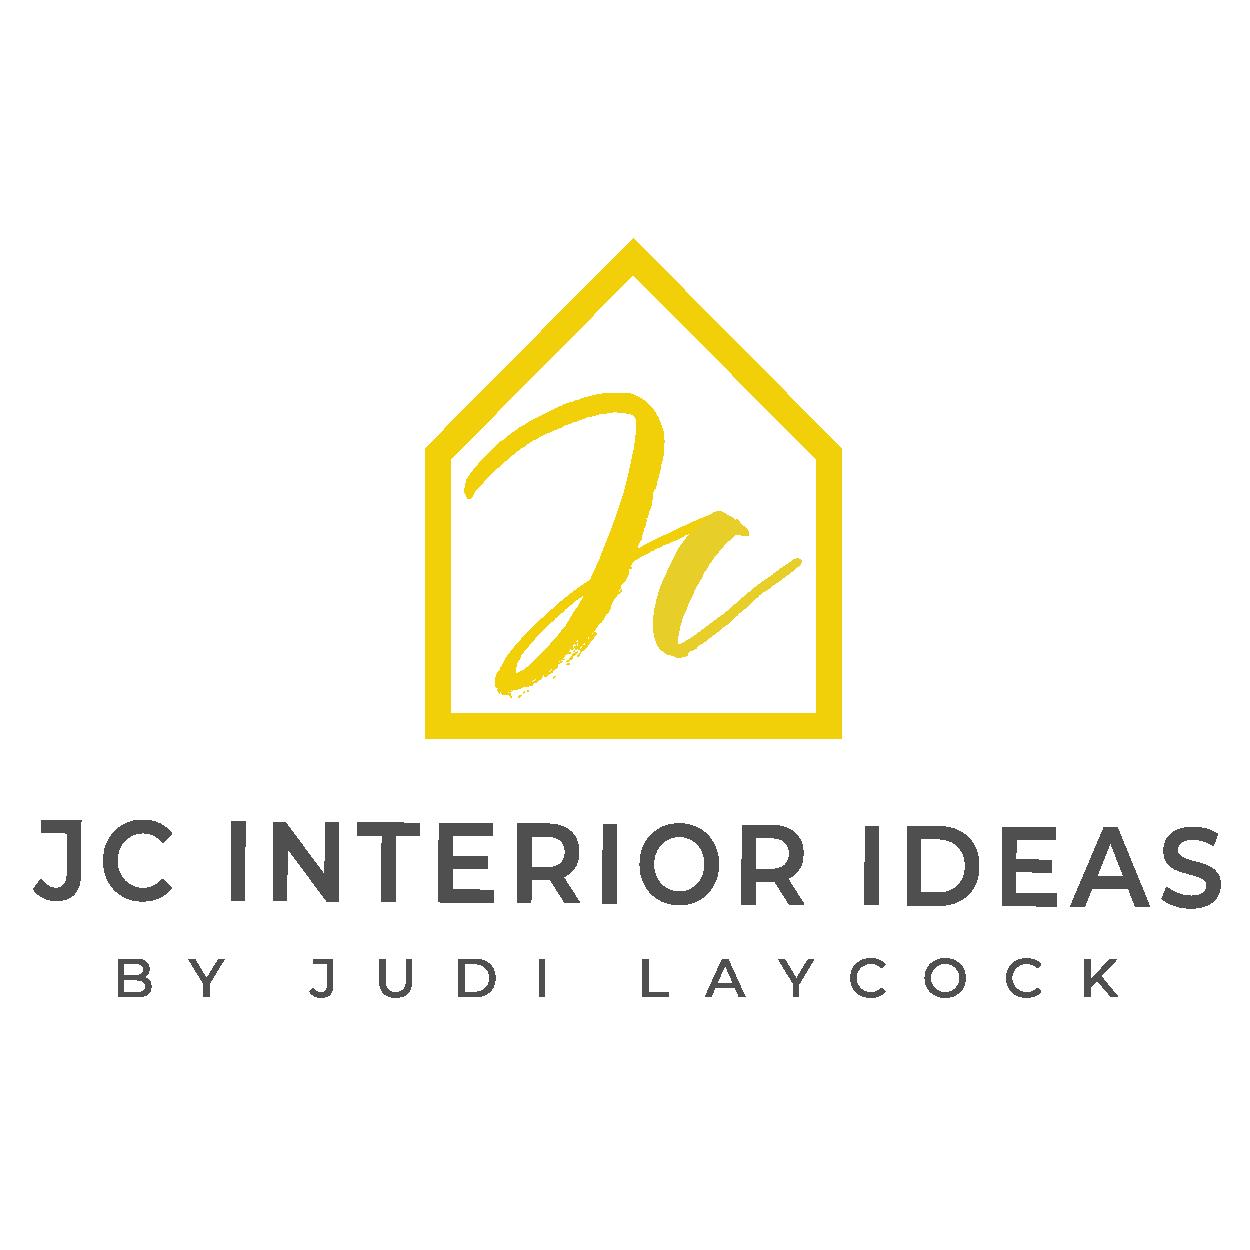 JC Interior Ideas